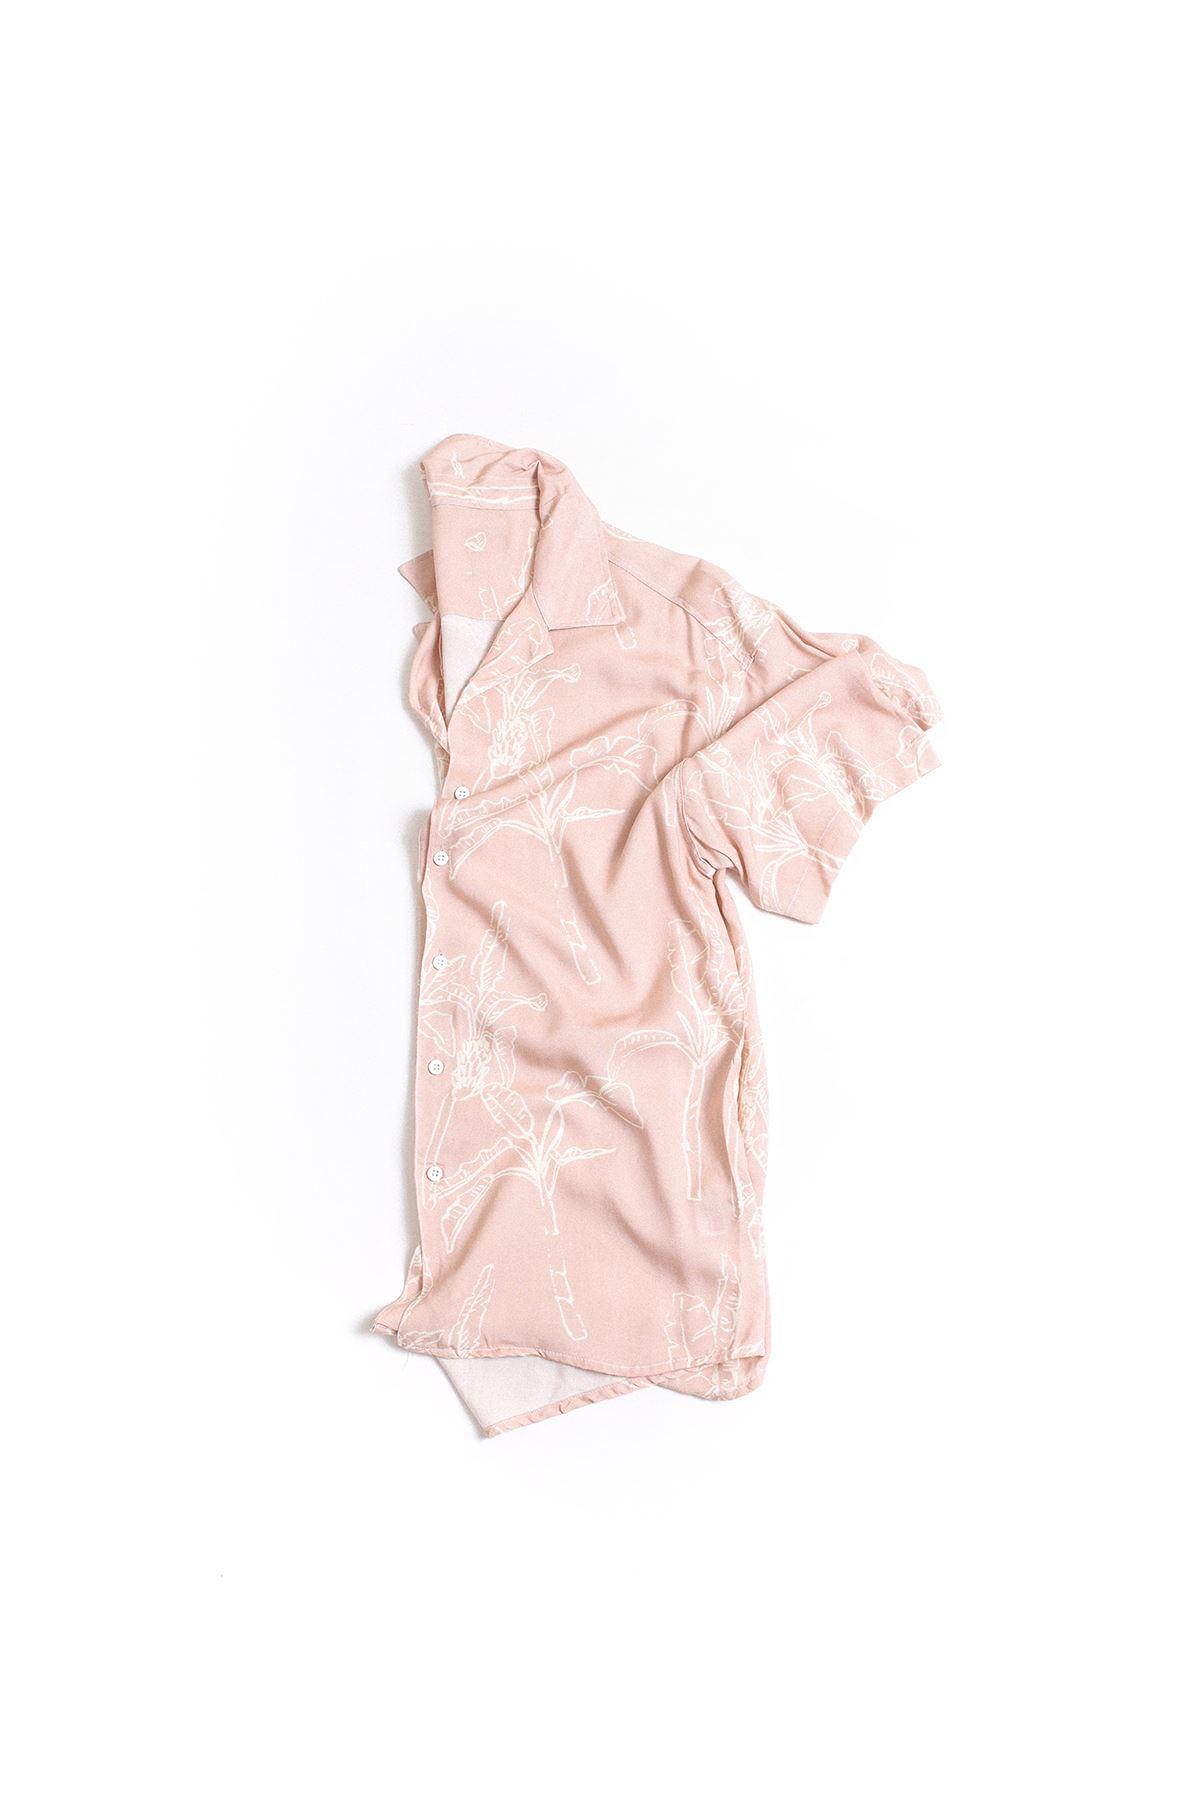 Pembe Yaprak Desenli Transfer Baskılı Gömlek